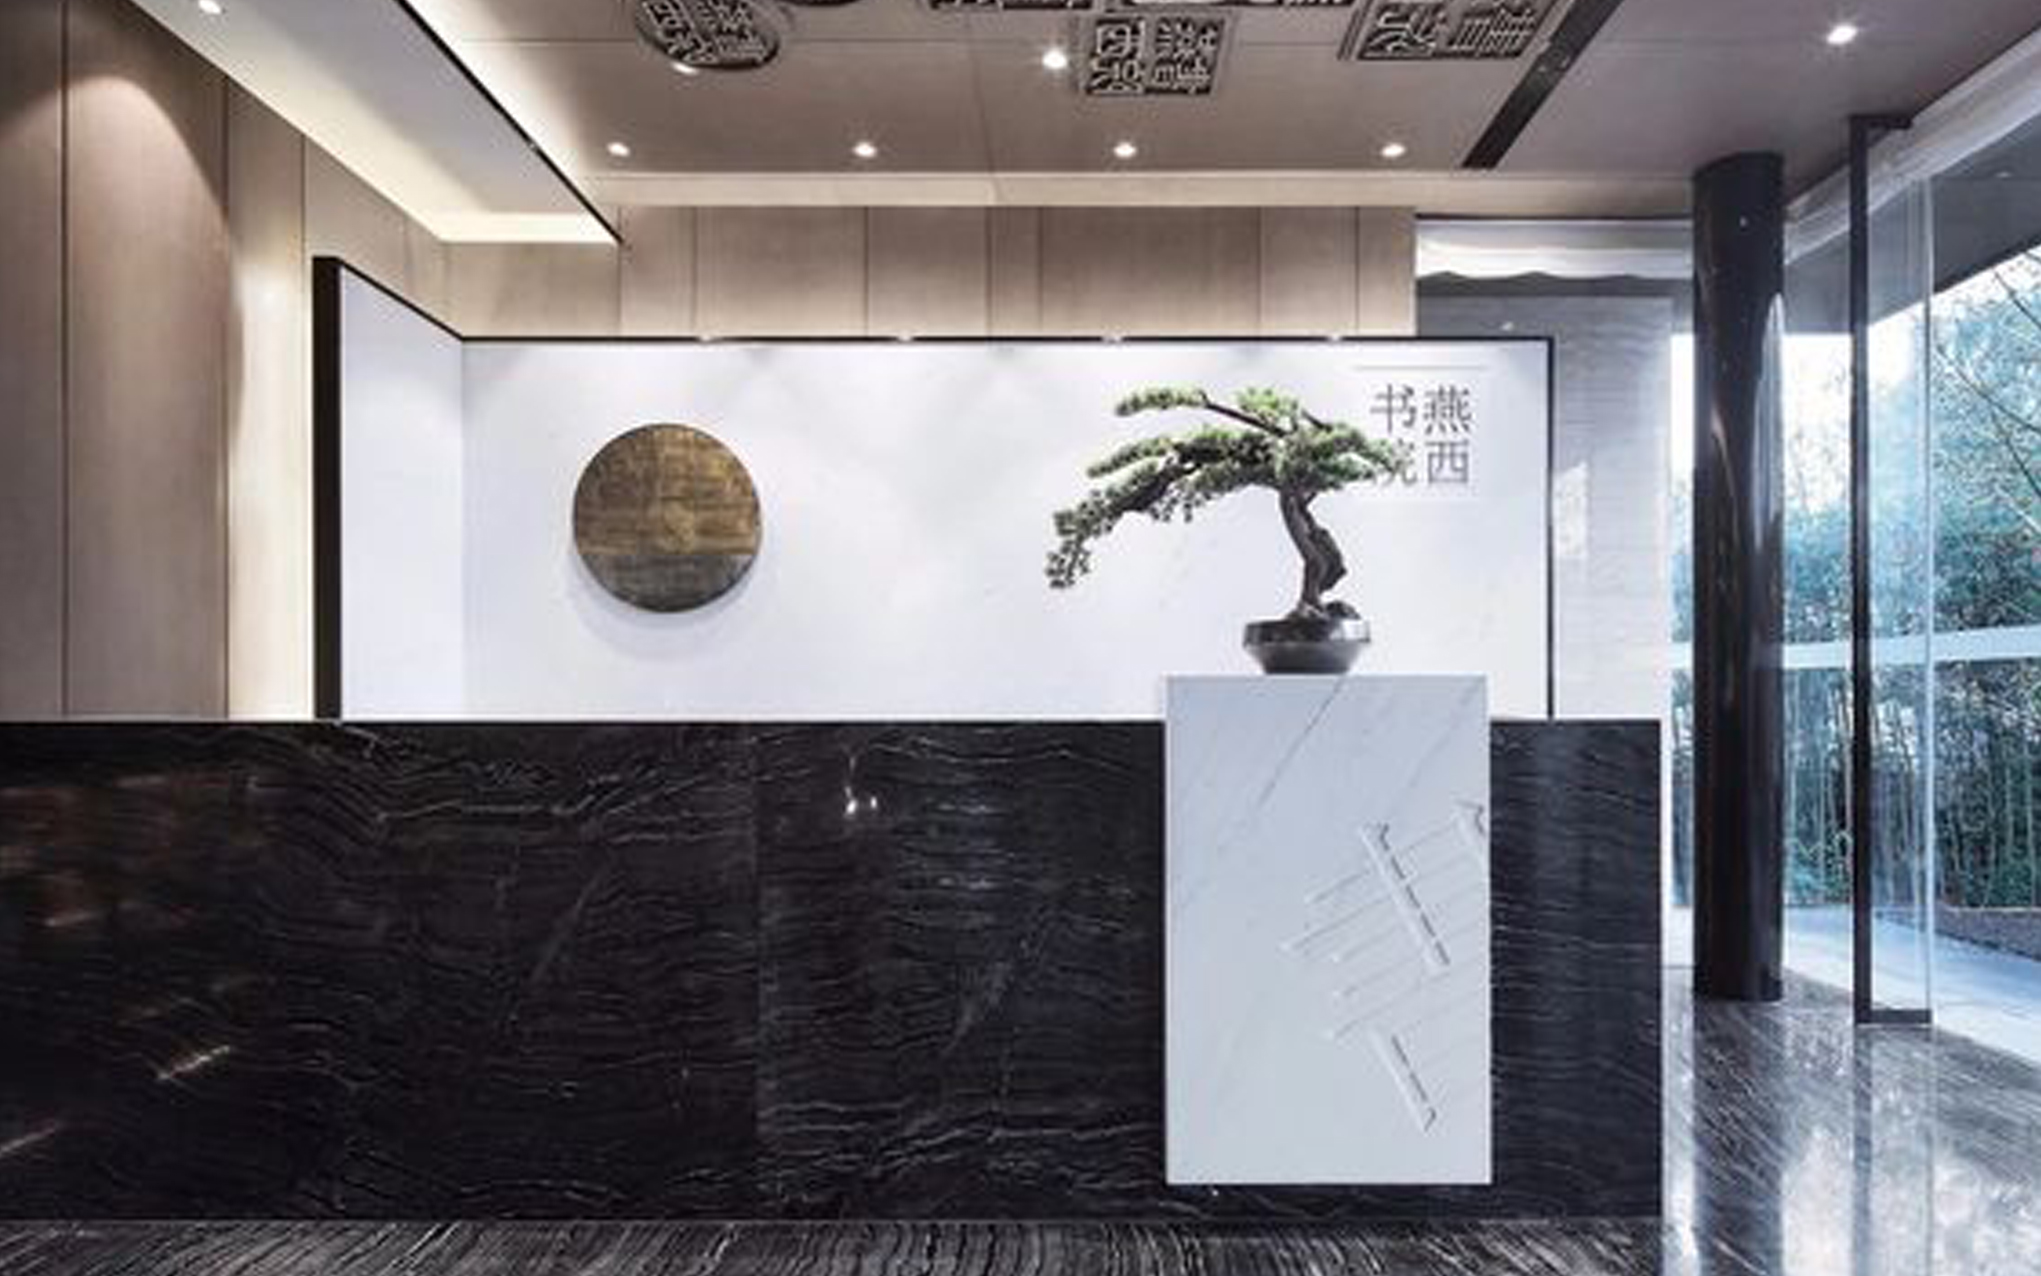 文化墙设计企业背景墙前台背景墙LOGO墙直播背景墙舞台背景